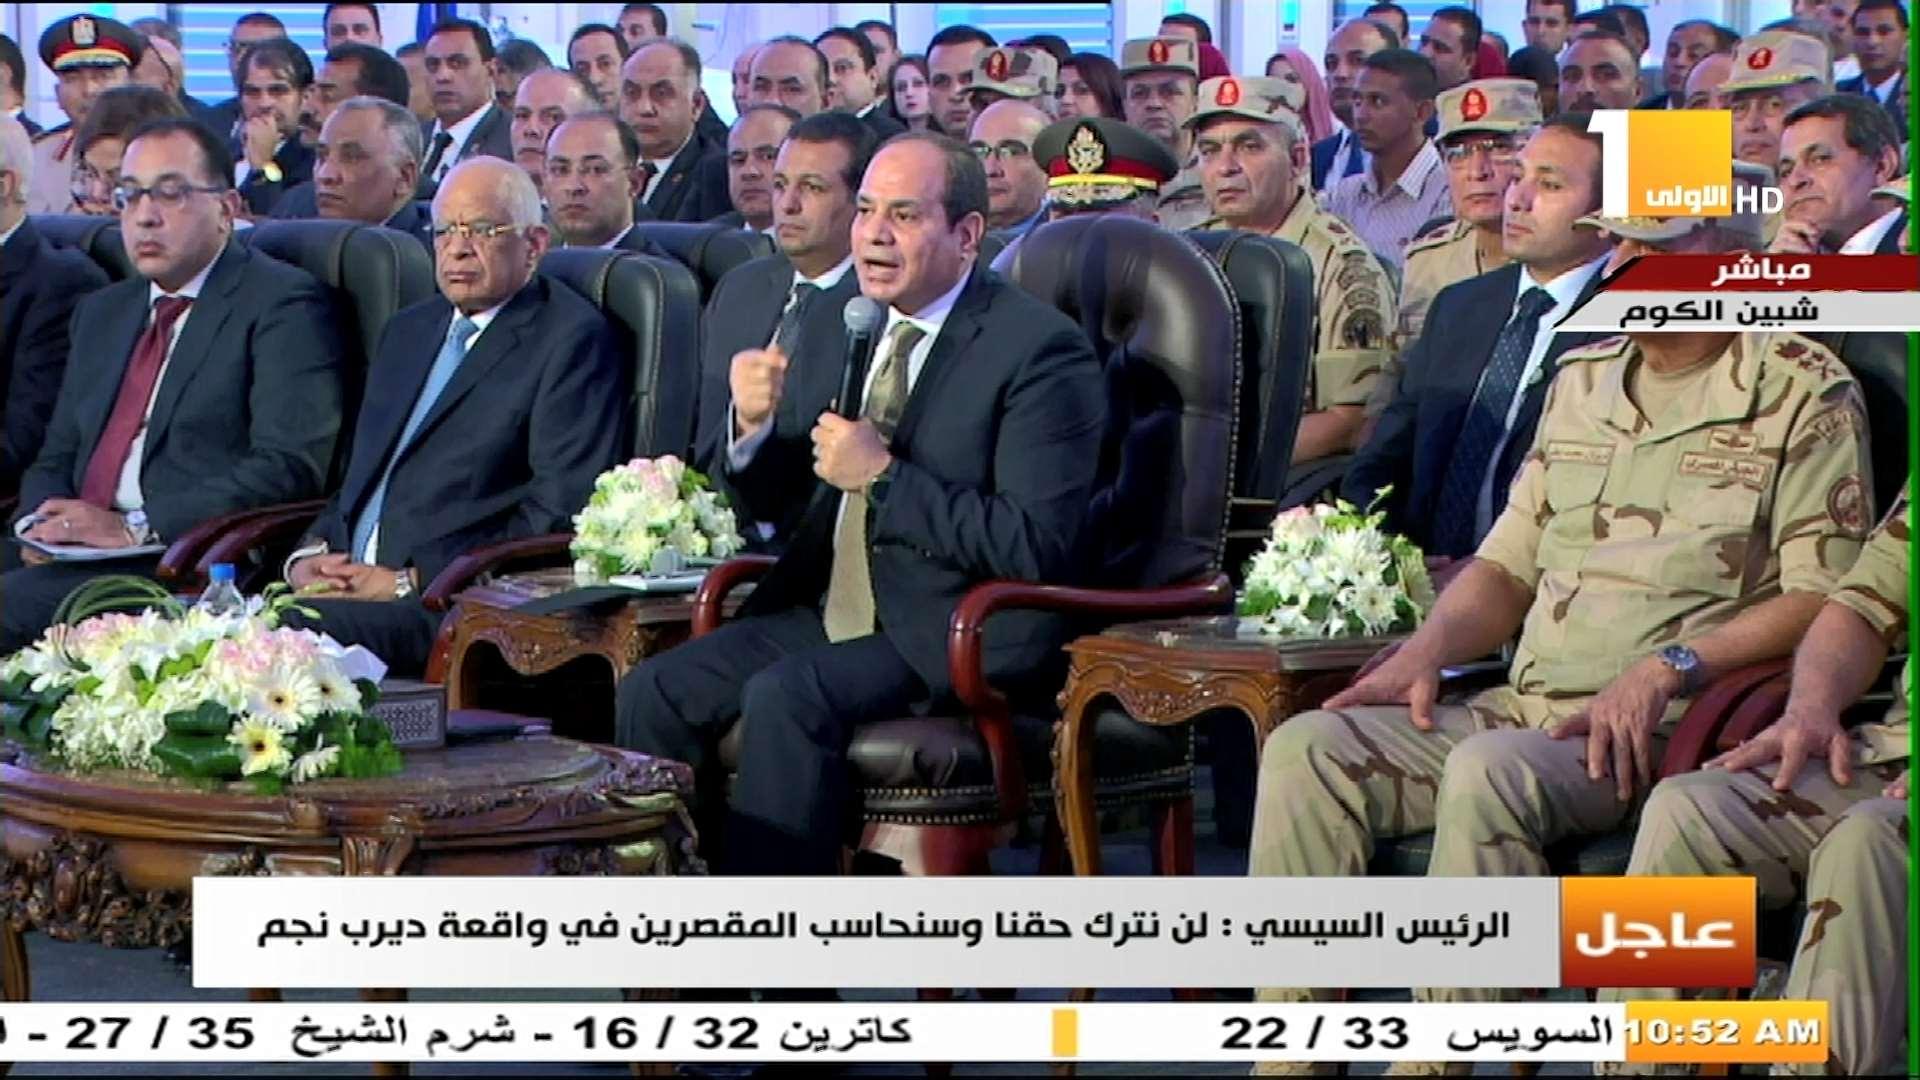 بالفيديو/ الرئيس: لن نترك حقنا وسنحاسب المقصرين في واقعة ديرب نجم